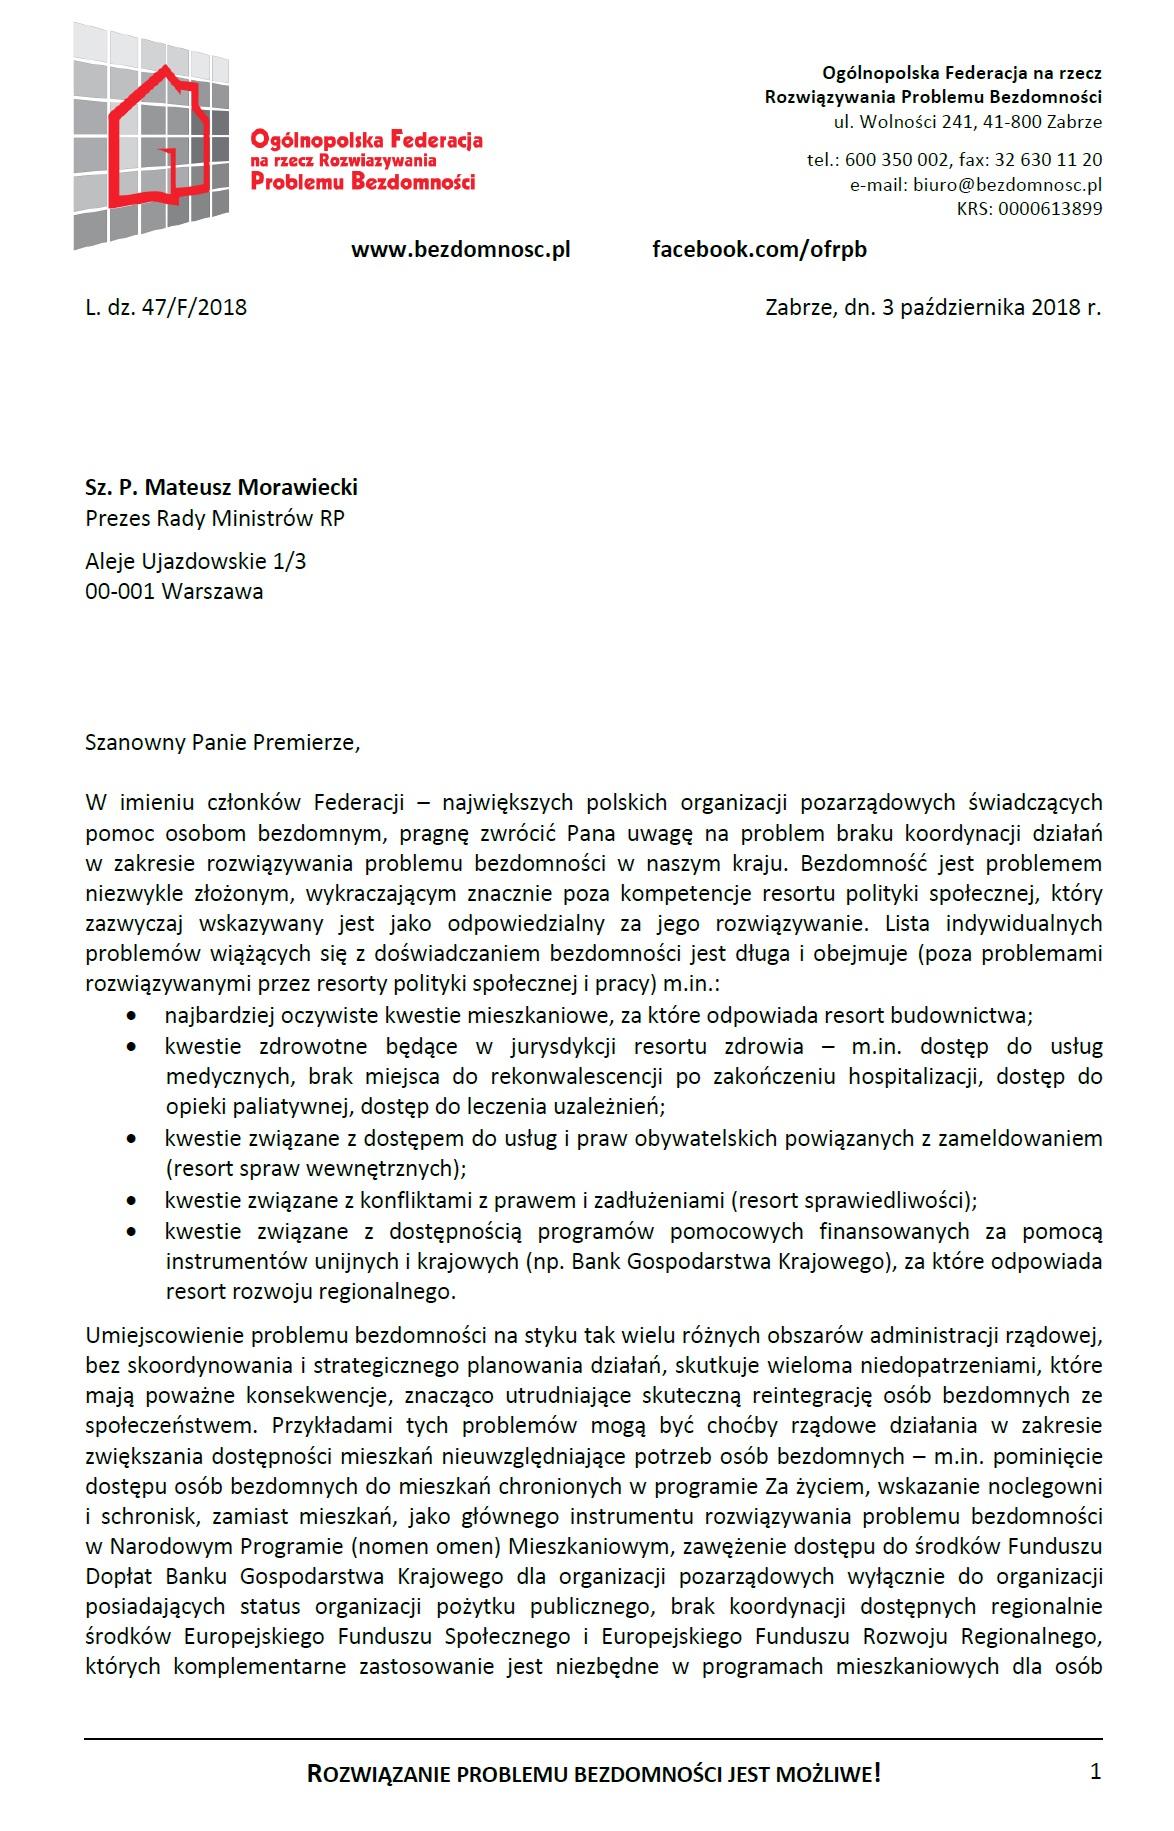 Apel do Premiera Mateusza Morawieckiego.